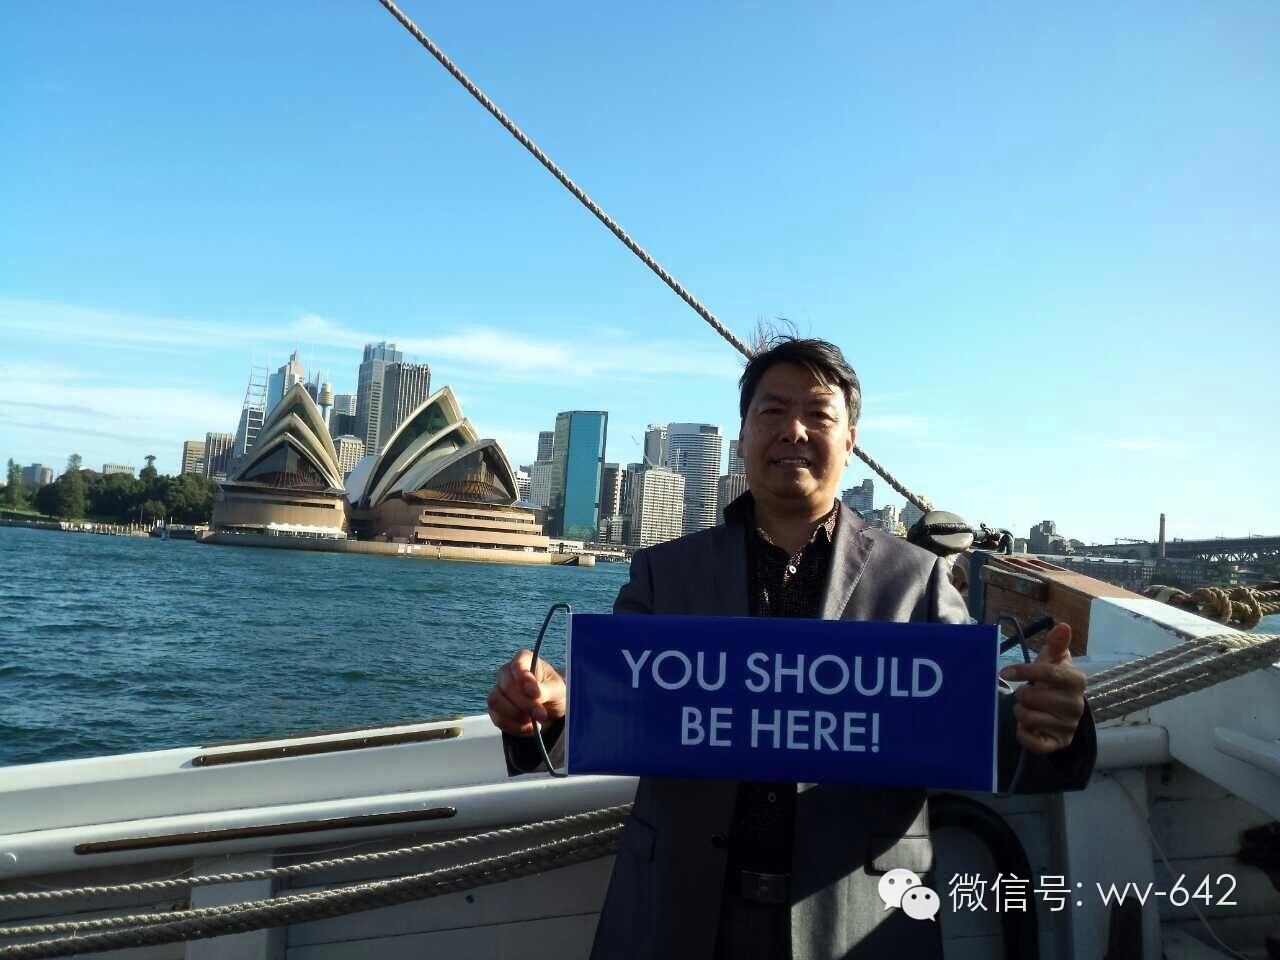 澳大利亚免签了! 40c8514fa150eca1d358d46b573e2876.jpg